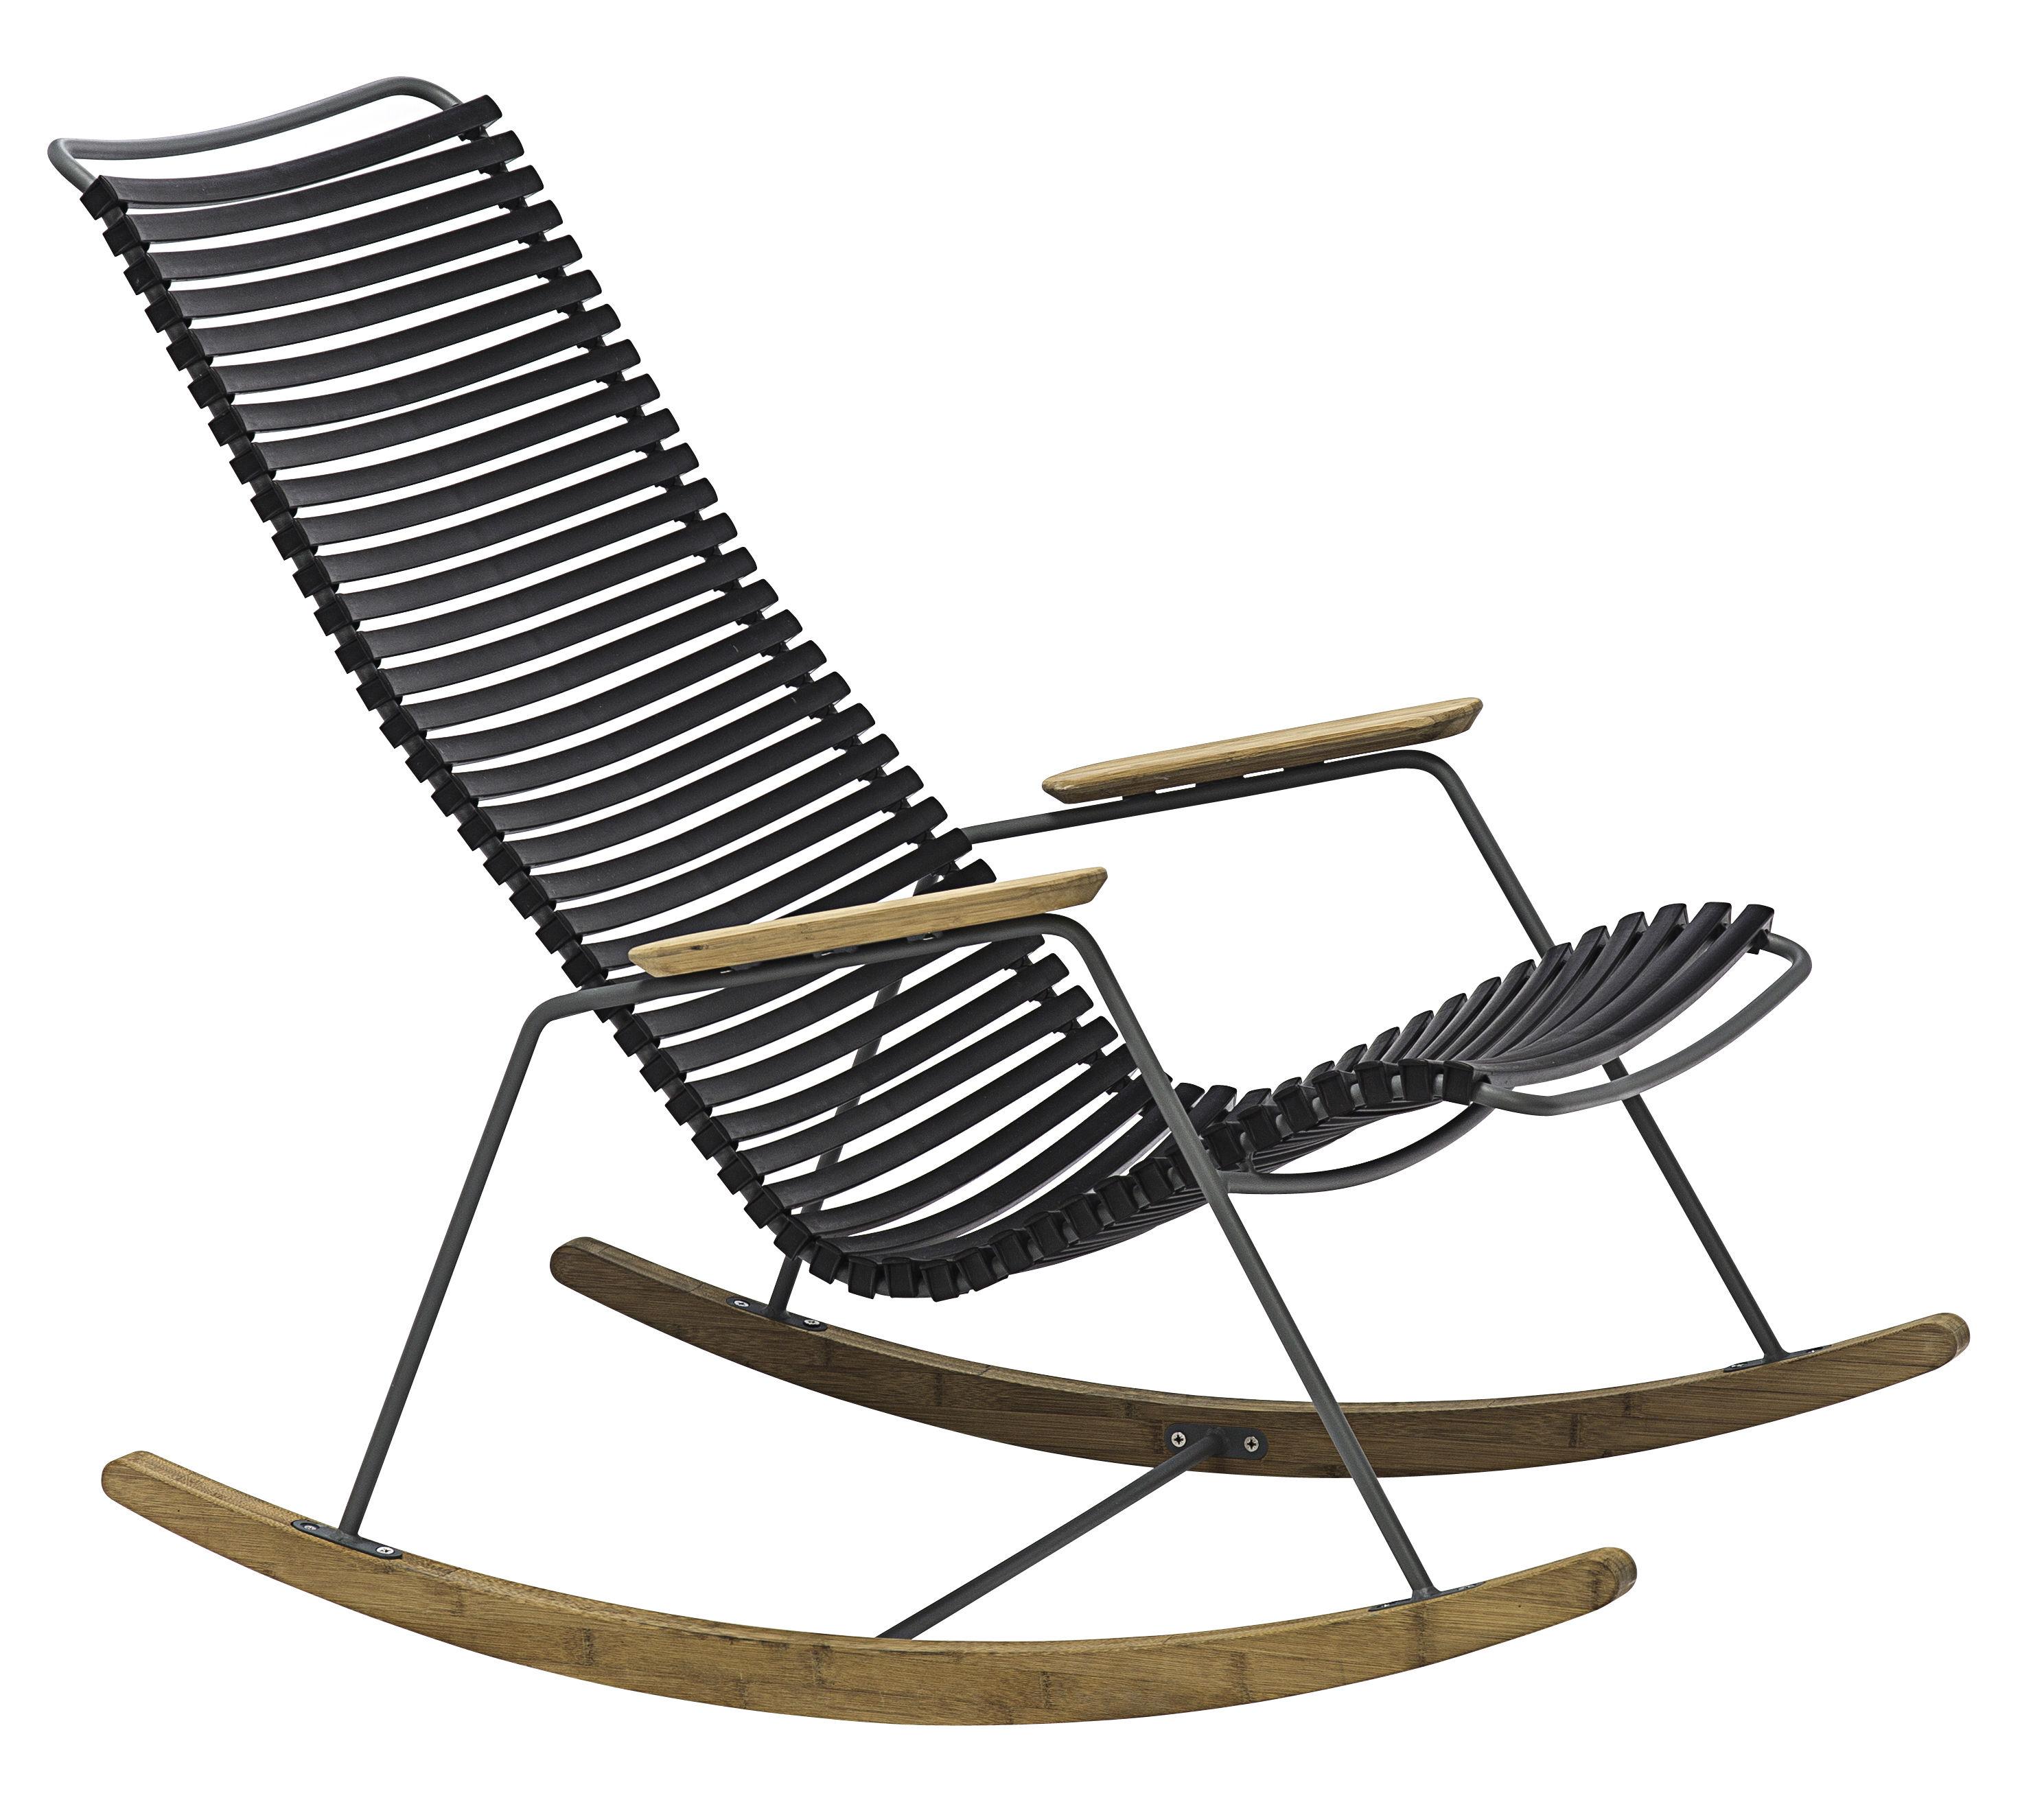 Arredamento - Poltrone design  - Rocking chair Click / Plastica & bambù - Houe - Nero - Bambù, Materiale plastico, Metallo